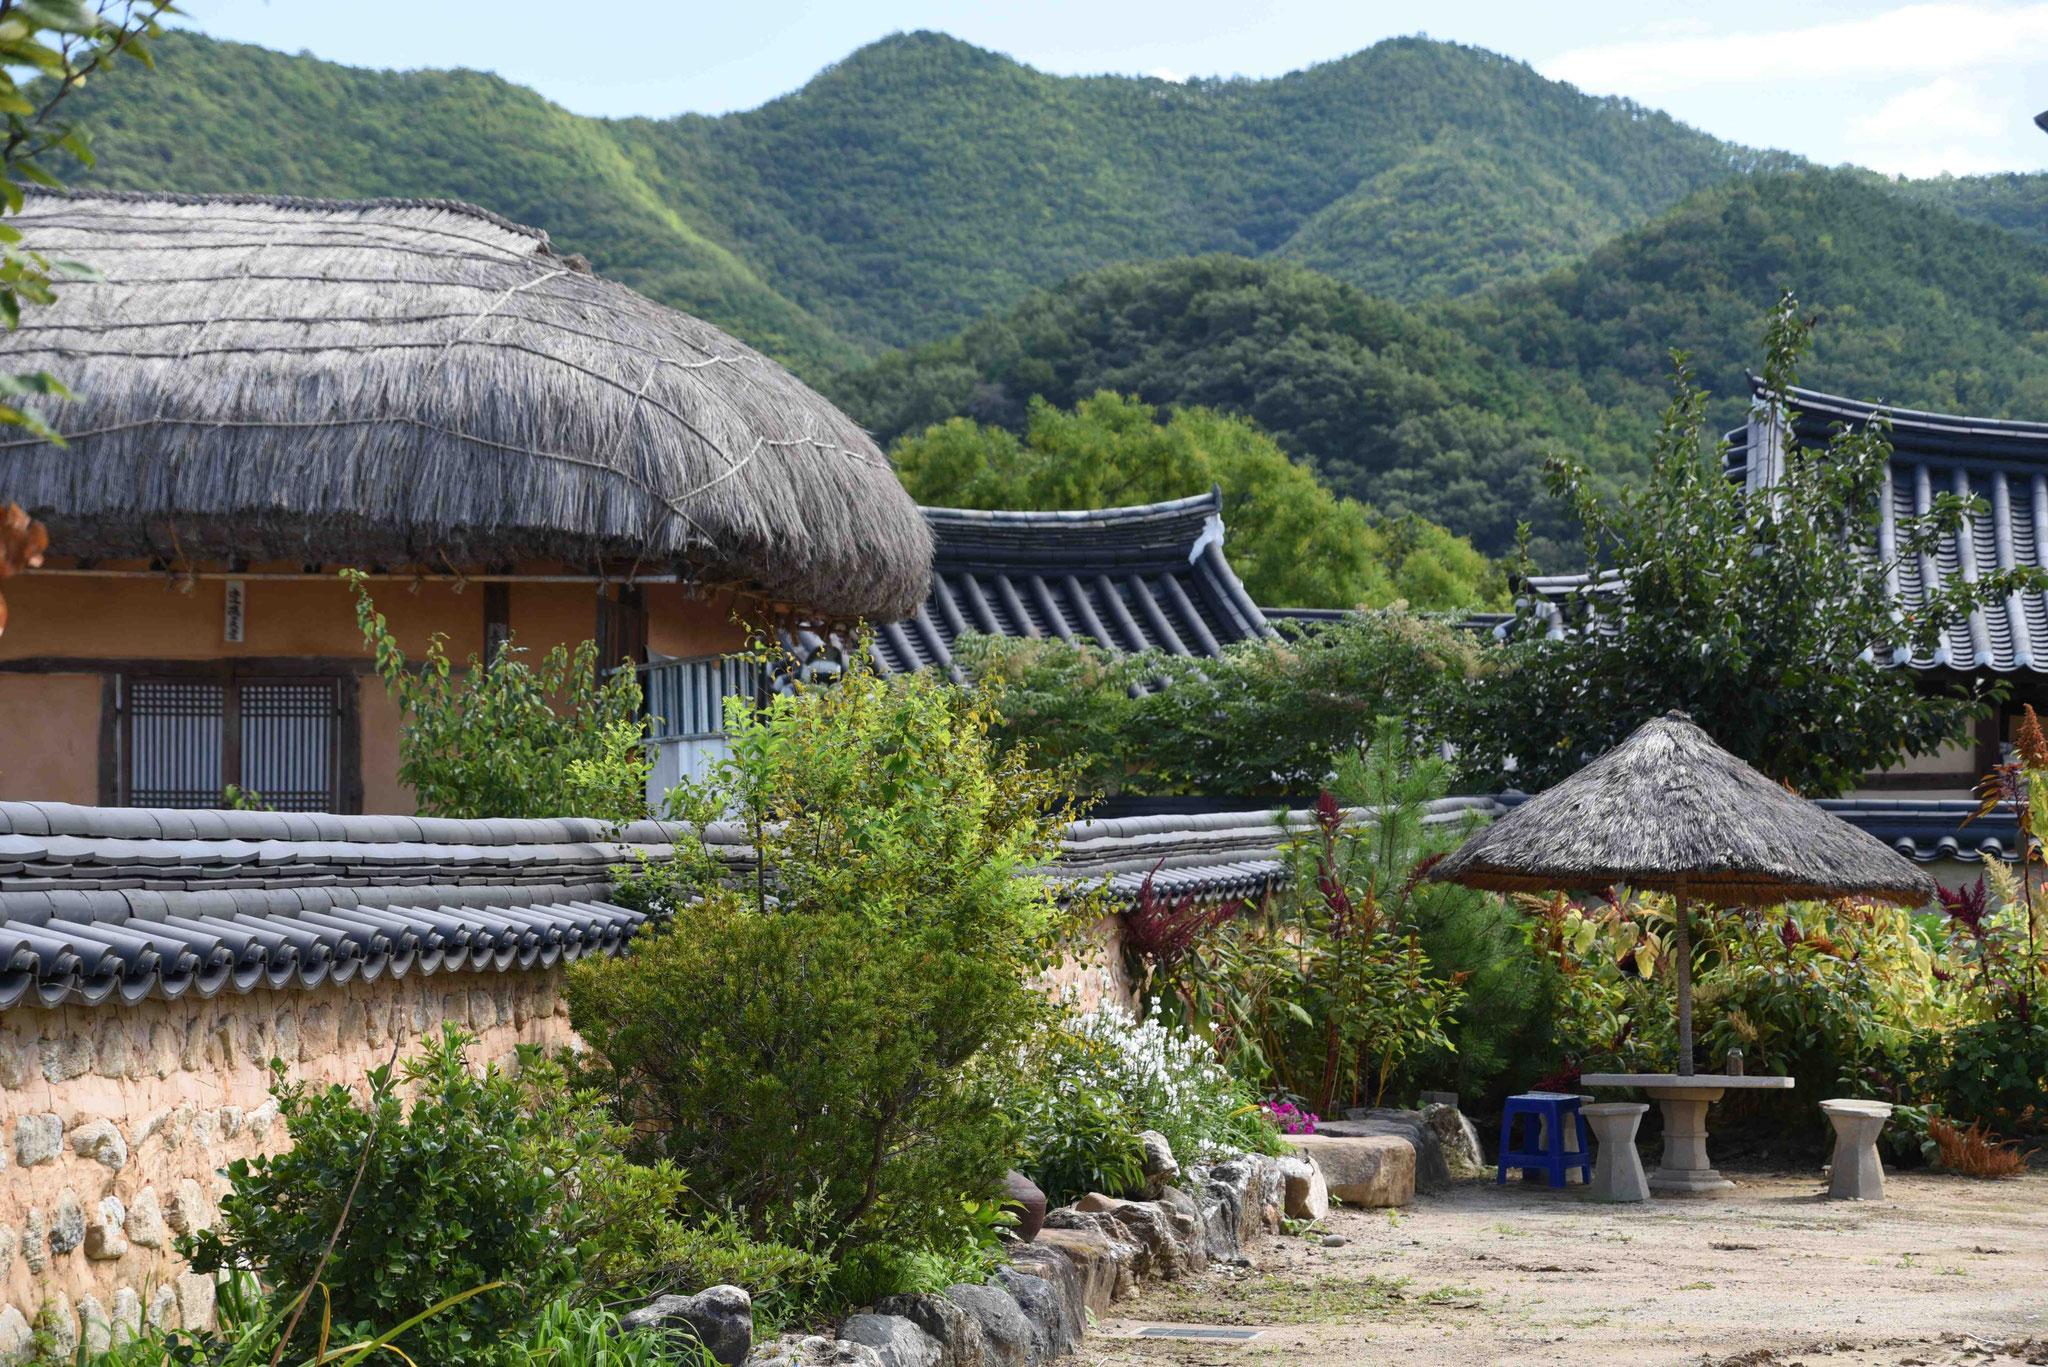 Blick auf das Dorf mit den Bergen im Hintergrund